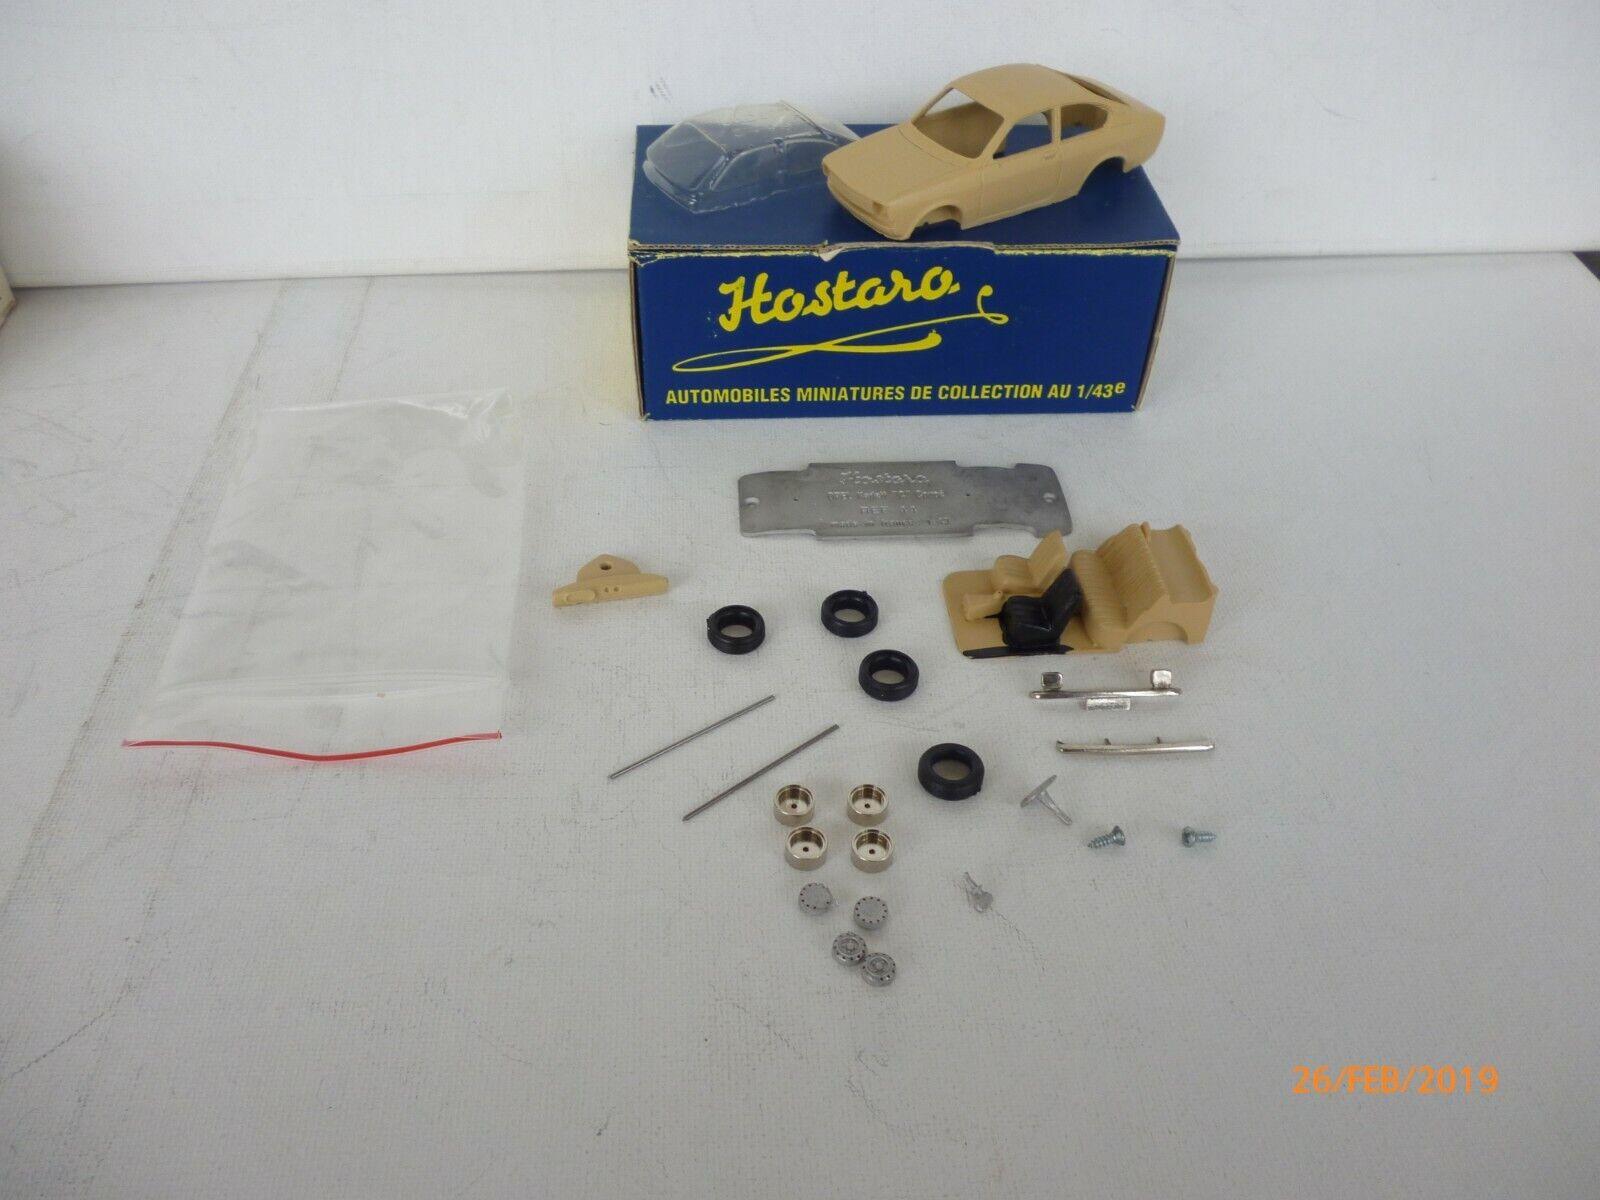 HOSTARO 44 UNBUILT KIT RESIN + METAL  OPEL KADETT C COUPE - 1 43 IN BOX  réduction en ligne